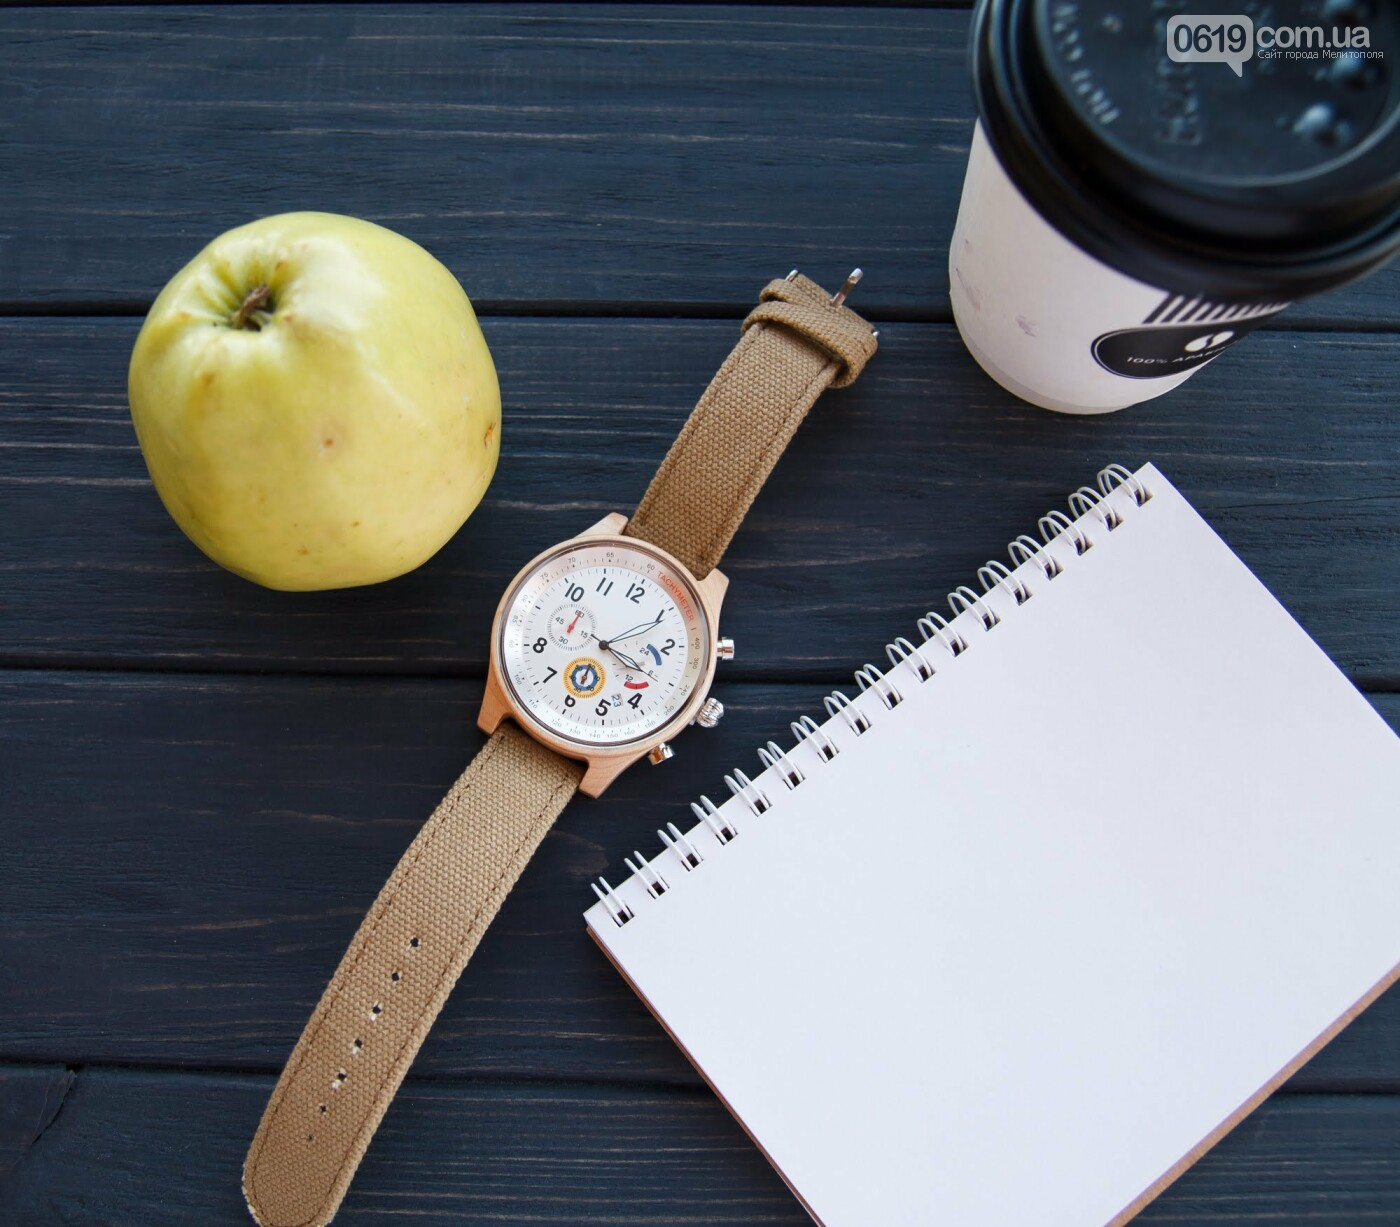 Модные, оригинальные, современные часы. Лучший подарок к 14 октября!, фото-5